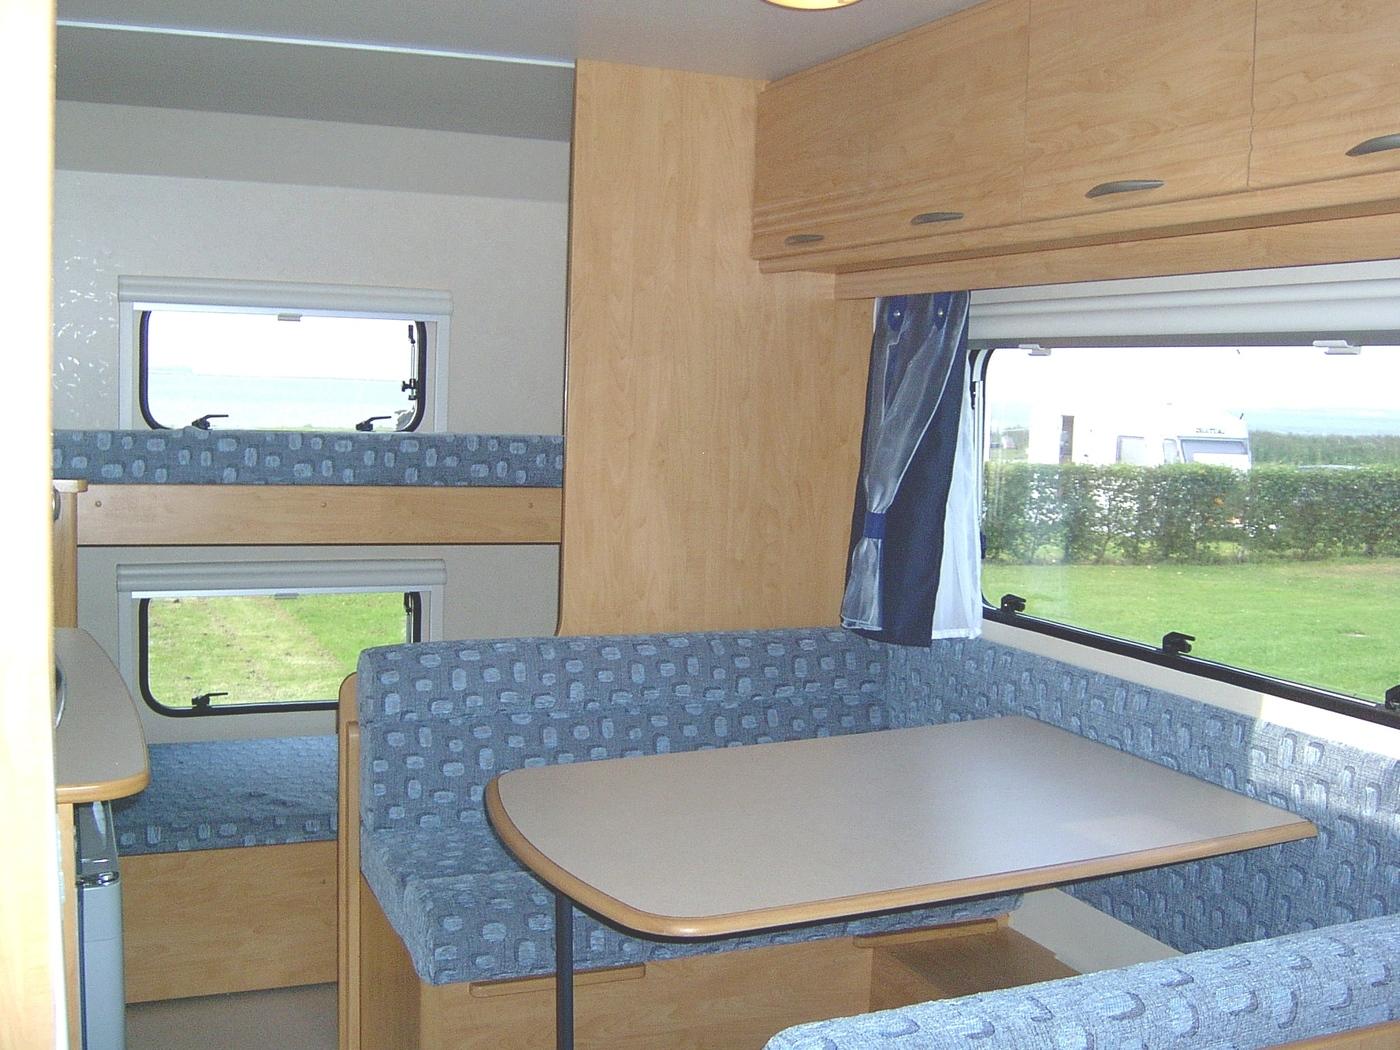 Thumb udlejning af campingvogne campingpladser nordjylland